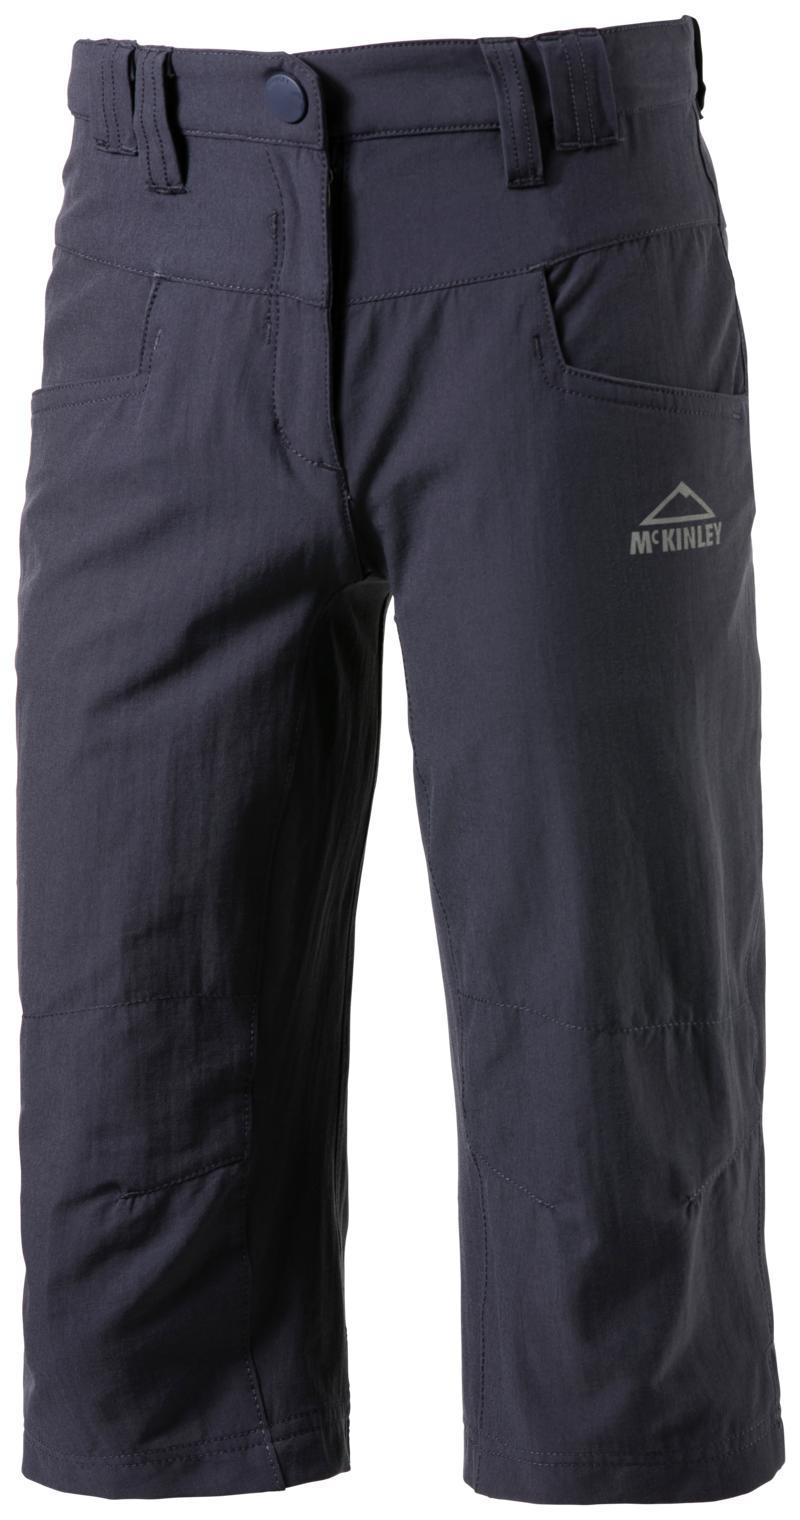 McKinley SARI GLS, dečje pantalone za planinarenje, plava